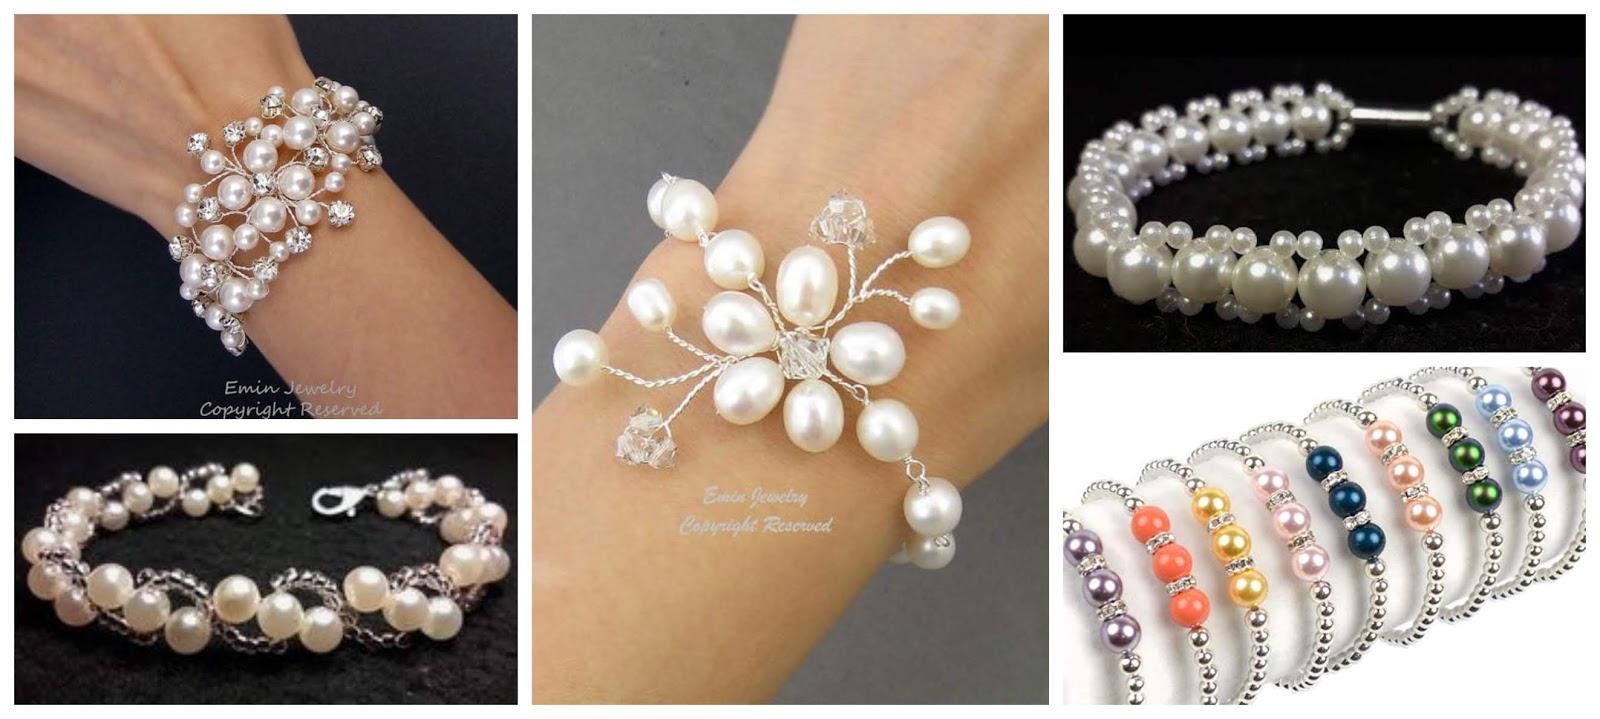 c5686f132129 Aprende cómo hacer una hermosa pulsera de perlas paso a paso ...